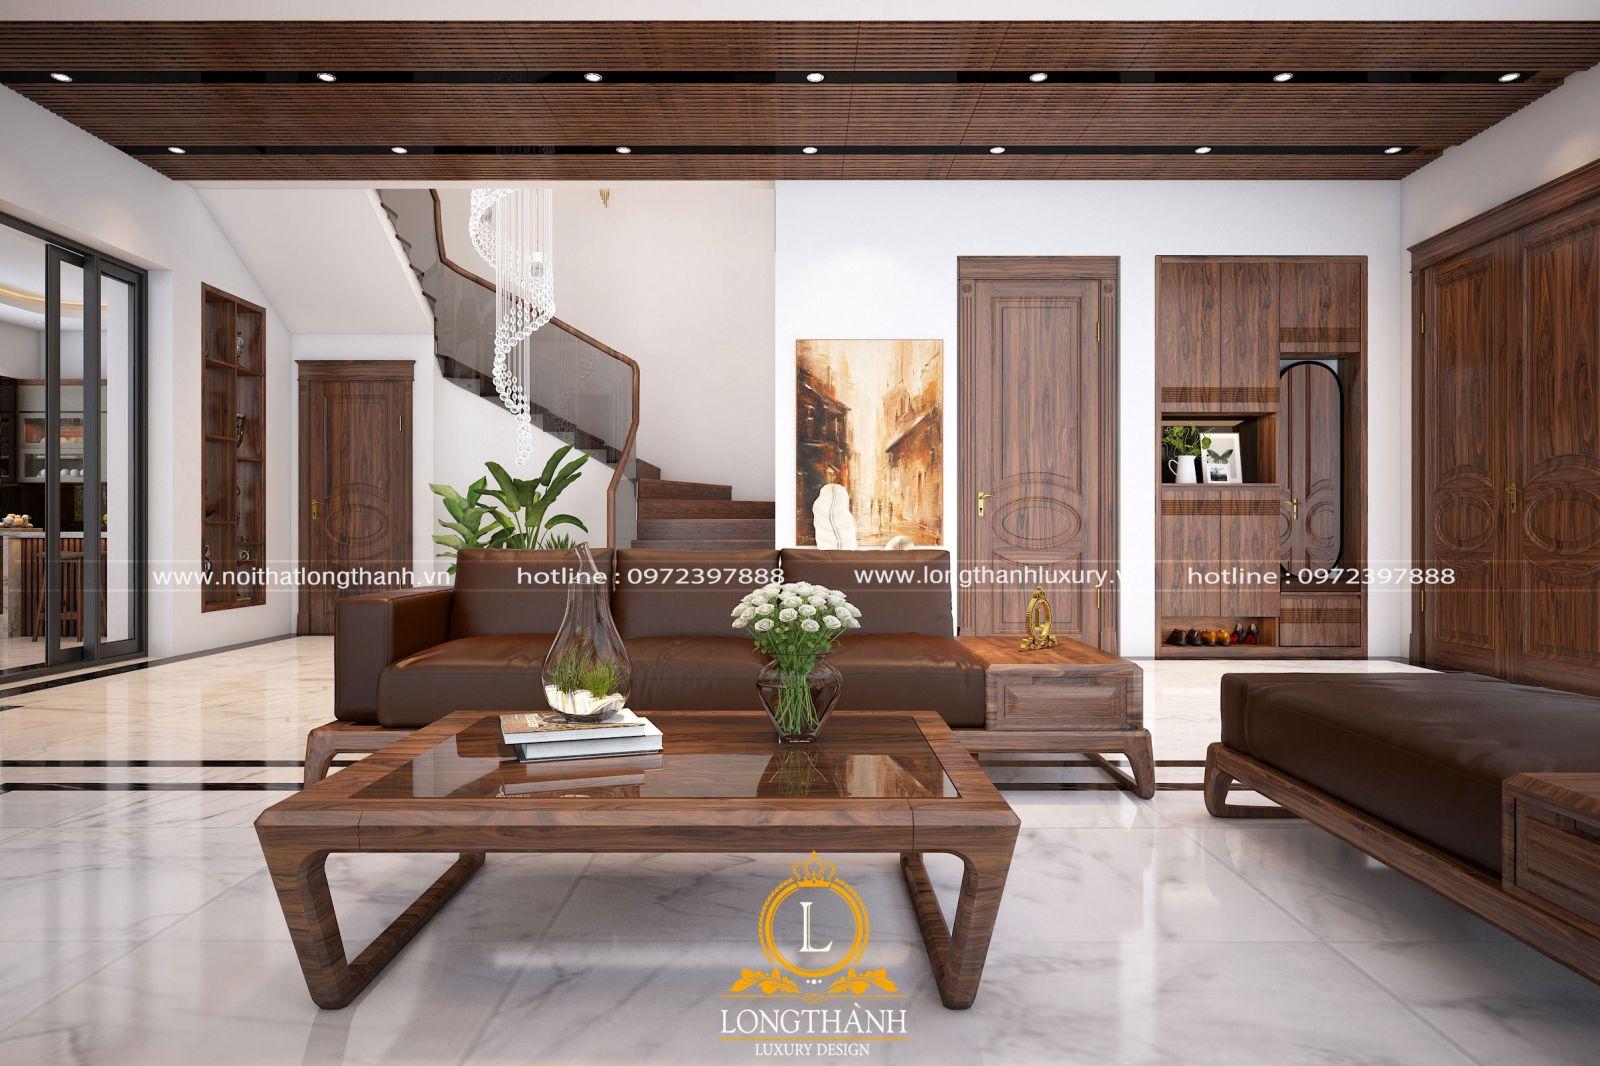 Những mẫu sofa gỗ tự nhiên cho phòng khách hiện đại